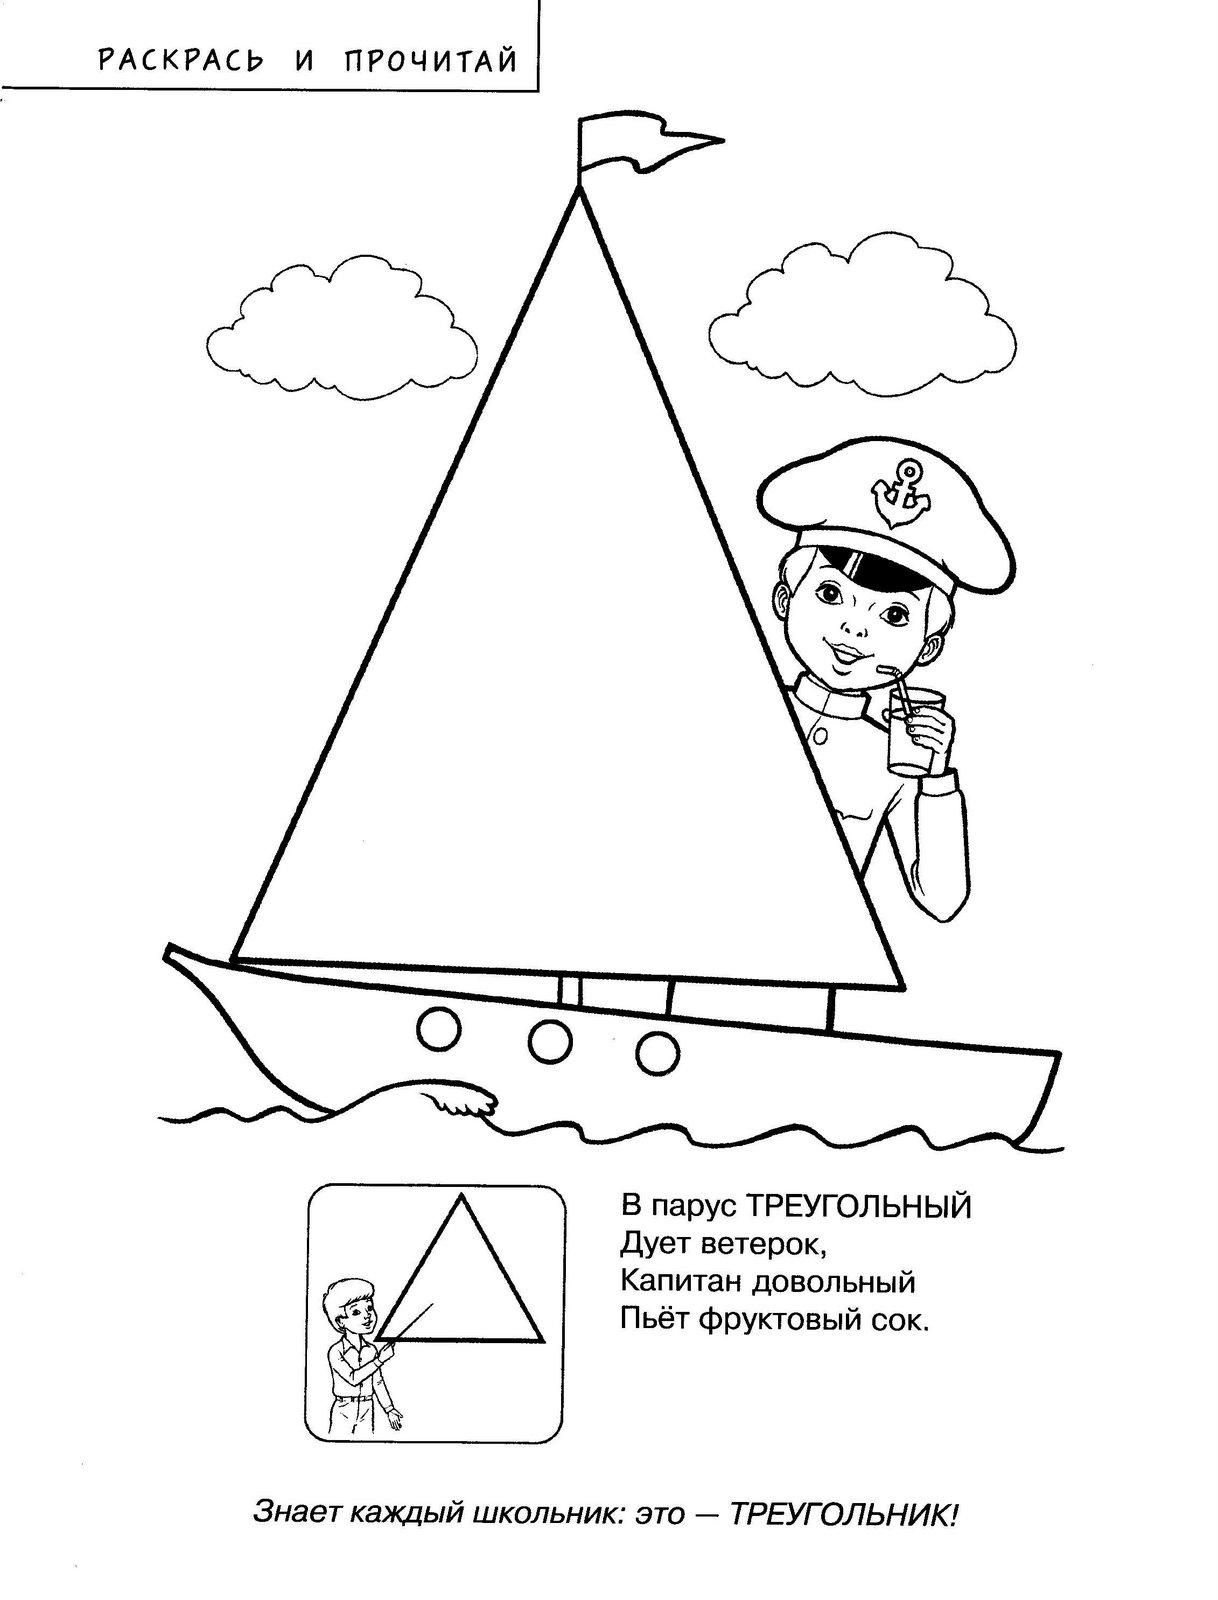 Раскраска треугольников